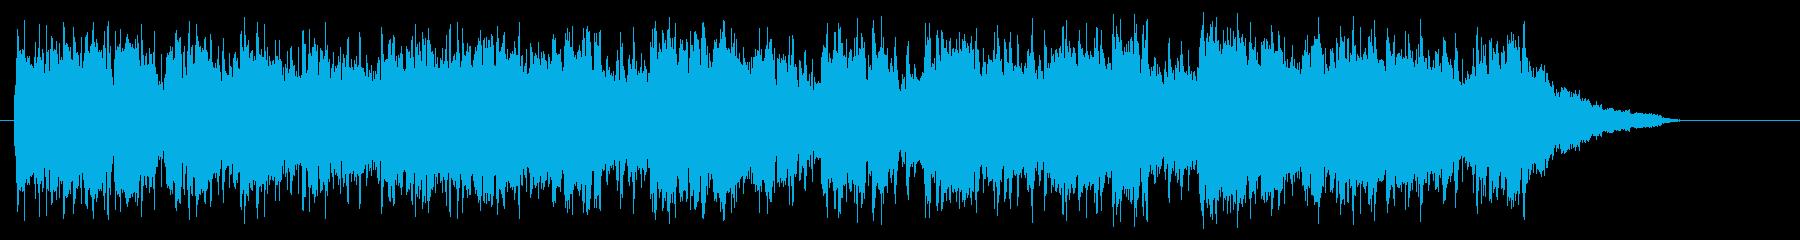 アコースティック・ギター(紀行向け)の再生済みの波形